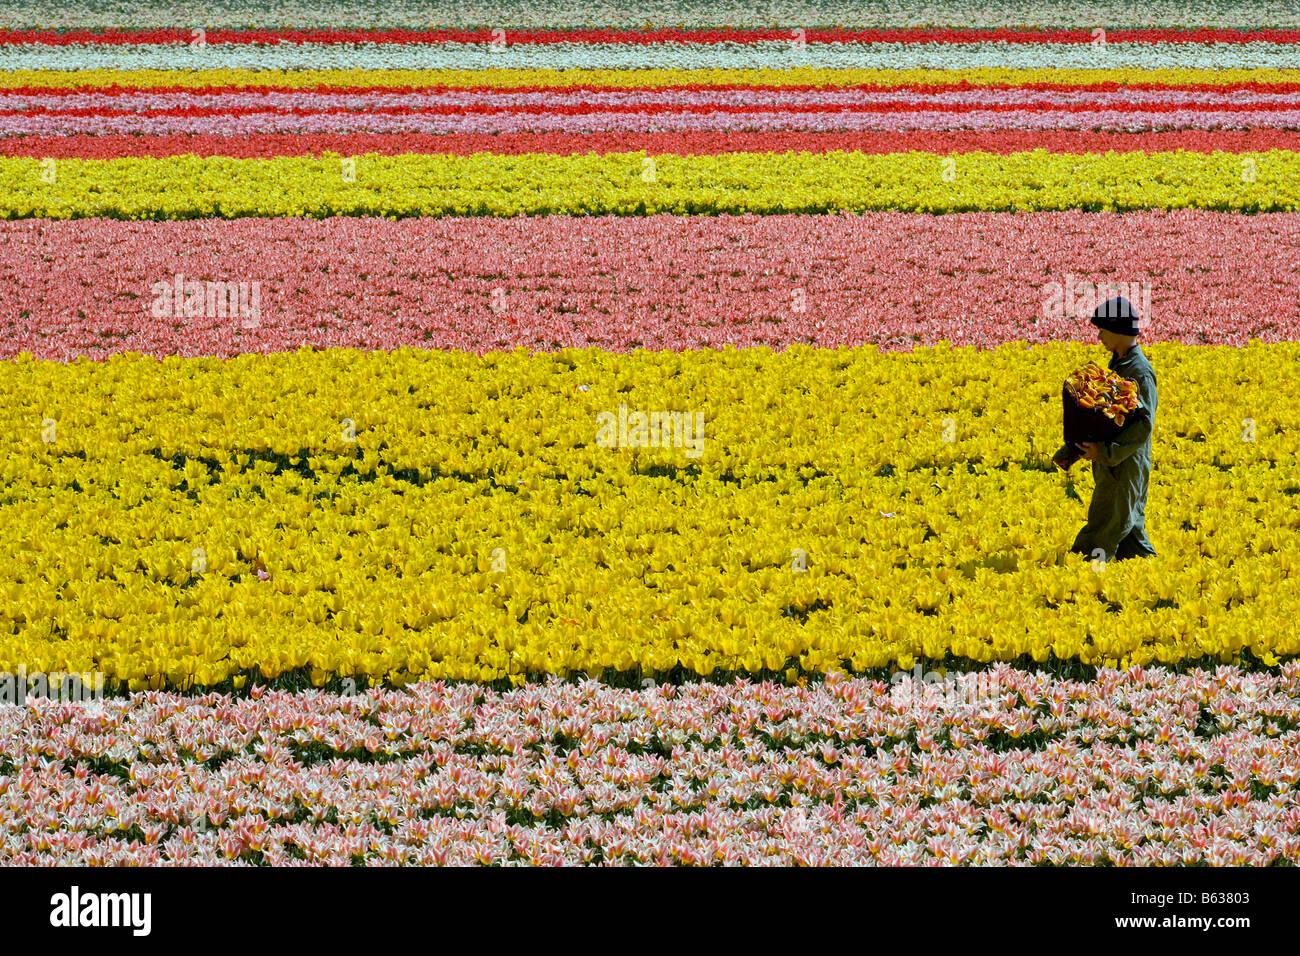 Niederlande Zuid Holland Lisse Arbeiter arbeiten auf dem Gebiet der Tulpe Stockbild